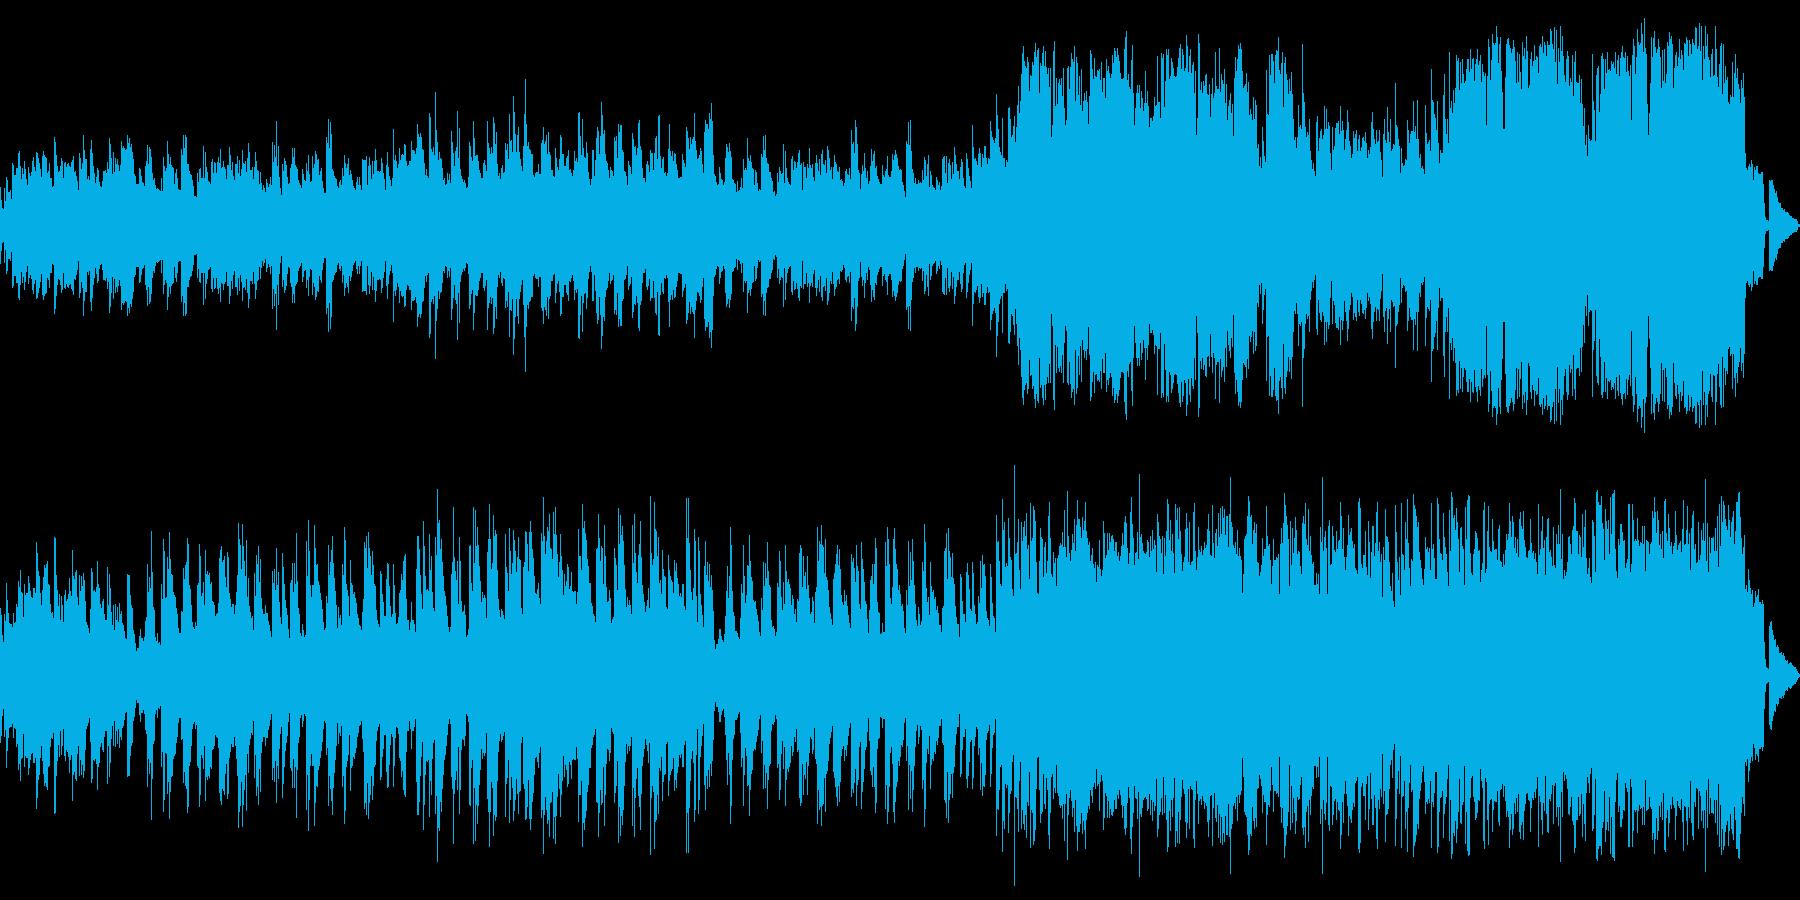 ピアノ中心の優しくてメロディアスなワルツの再生済みの波形